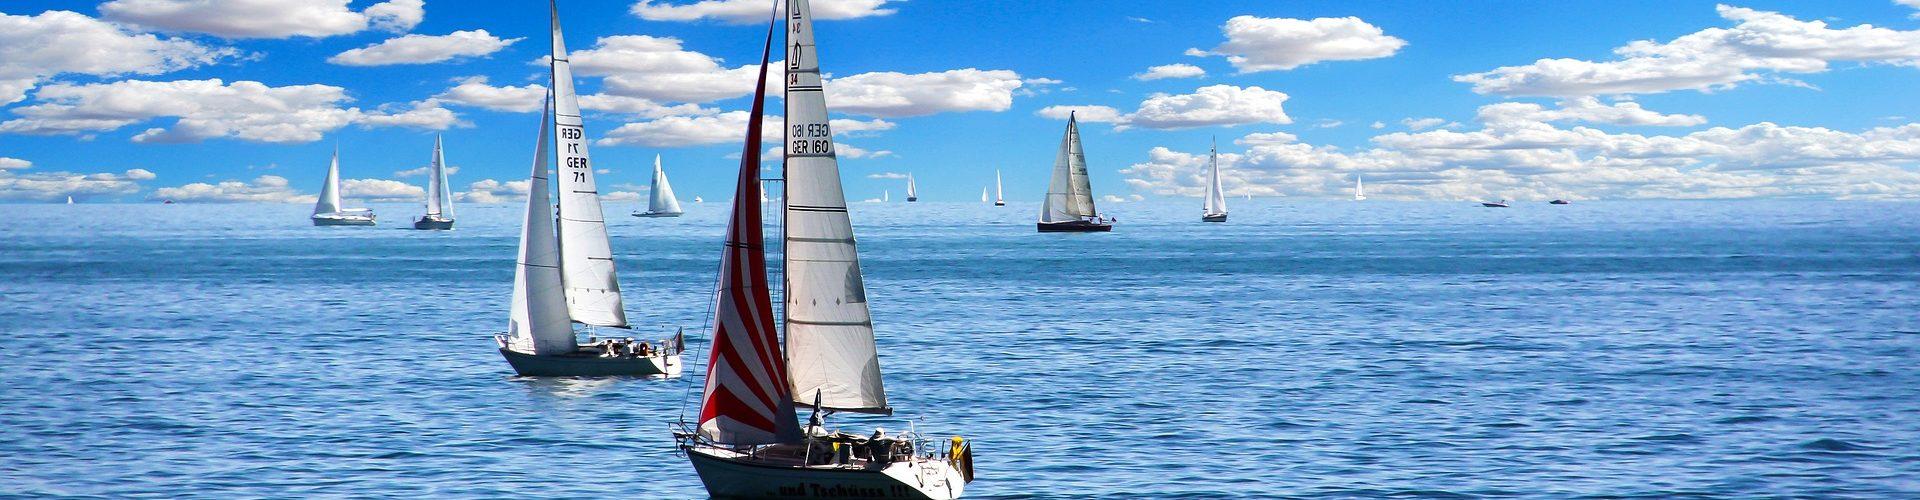 segeln lernen in Illmensee segelschein machen in Illmensee 1920x500 - Segeln lernen in Illmensee